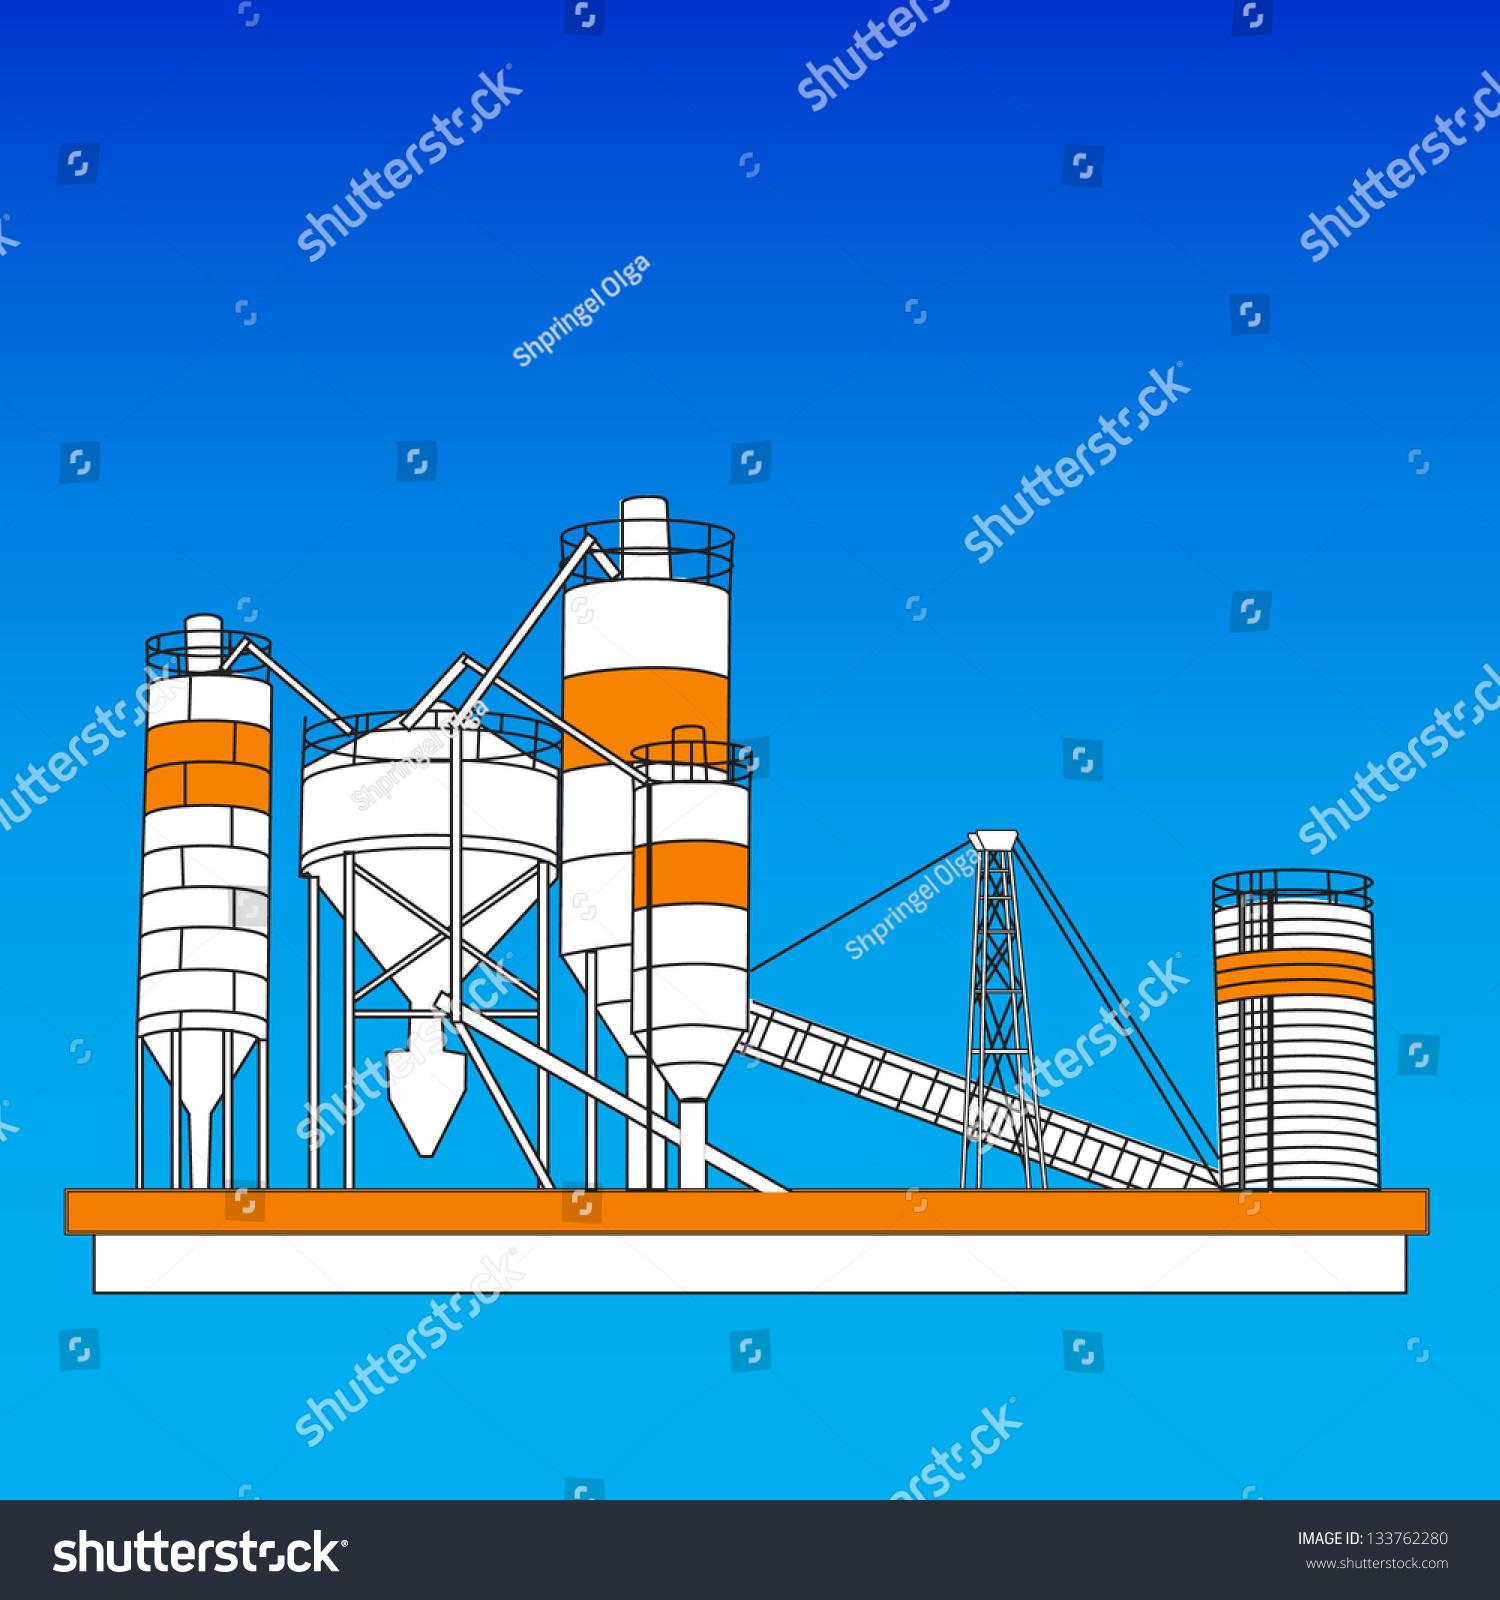 工业蓝色背景植物混合光栅-建筑物/地标,商业/金融-()